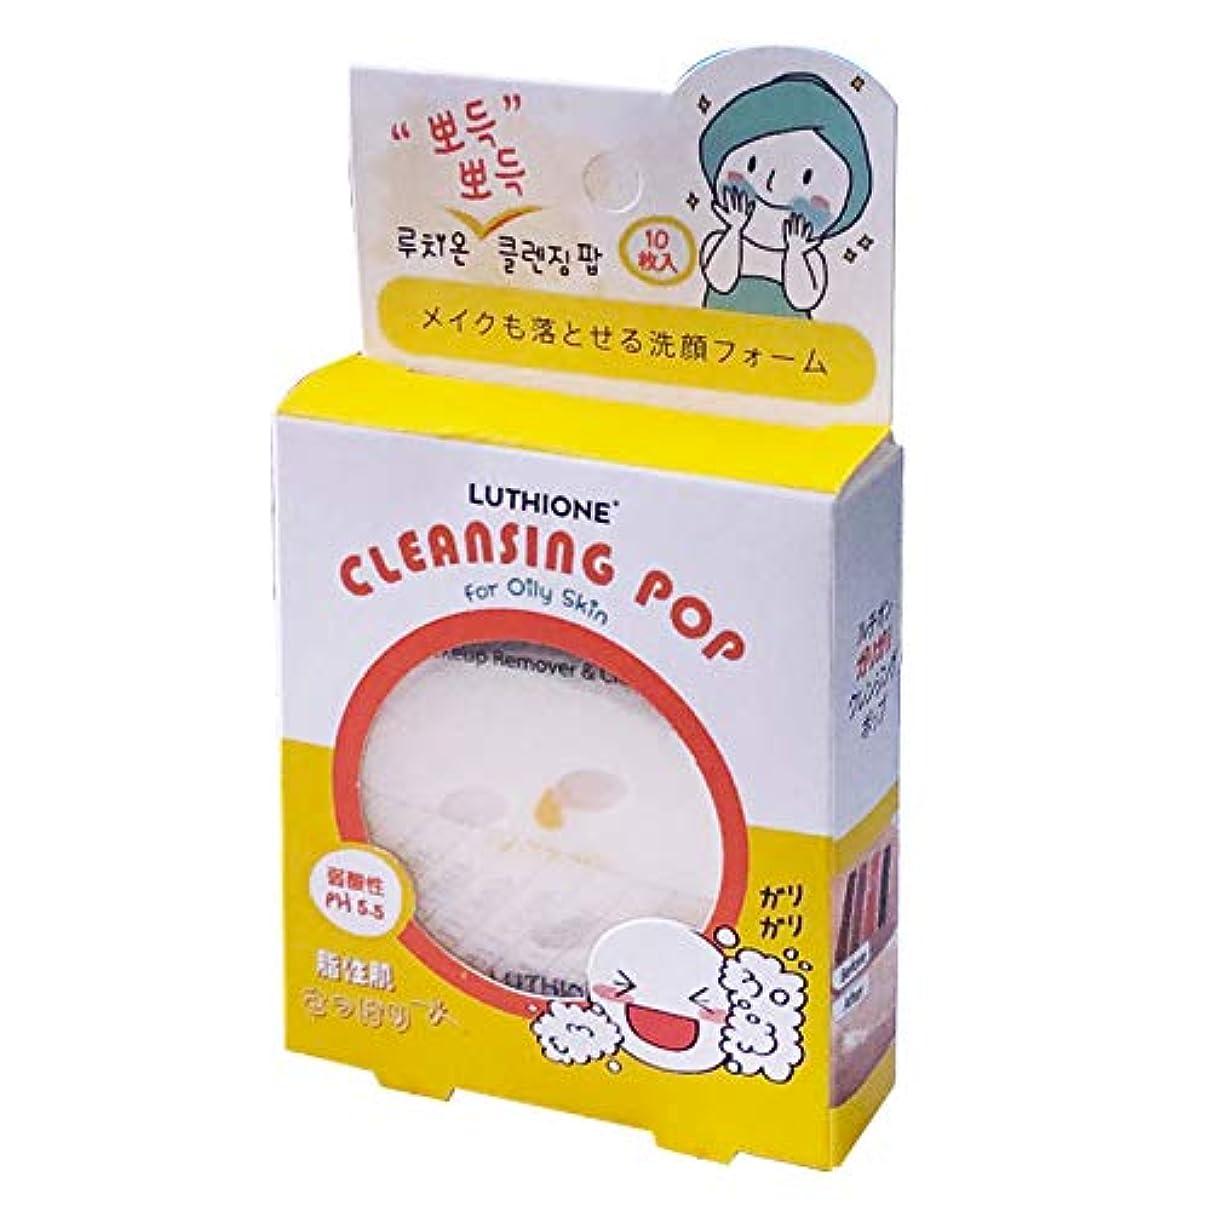 振りかける神経接続された【まとめ買い】ルチオン クレンジングポップ (LUTHIONE CLEANSING POP) 脂性肌 10枚入り ×6個